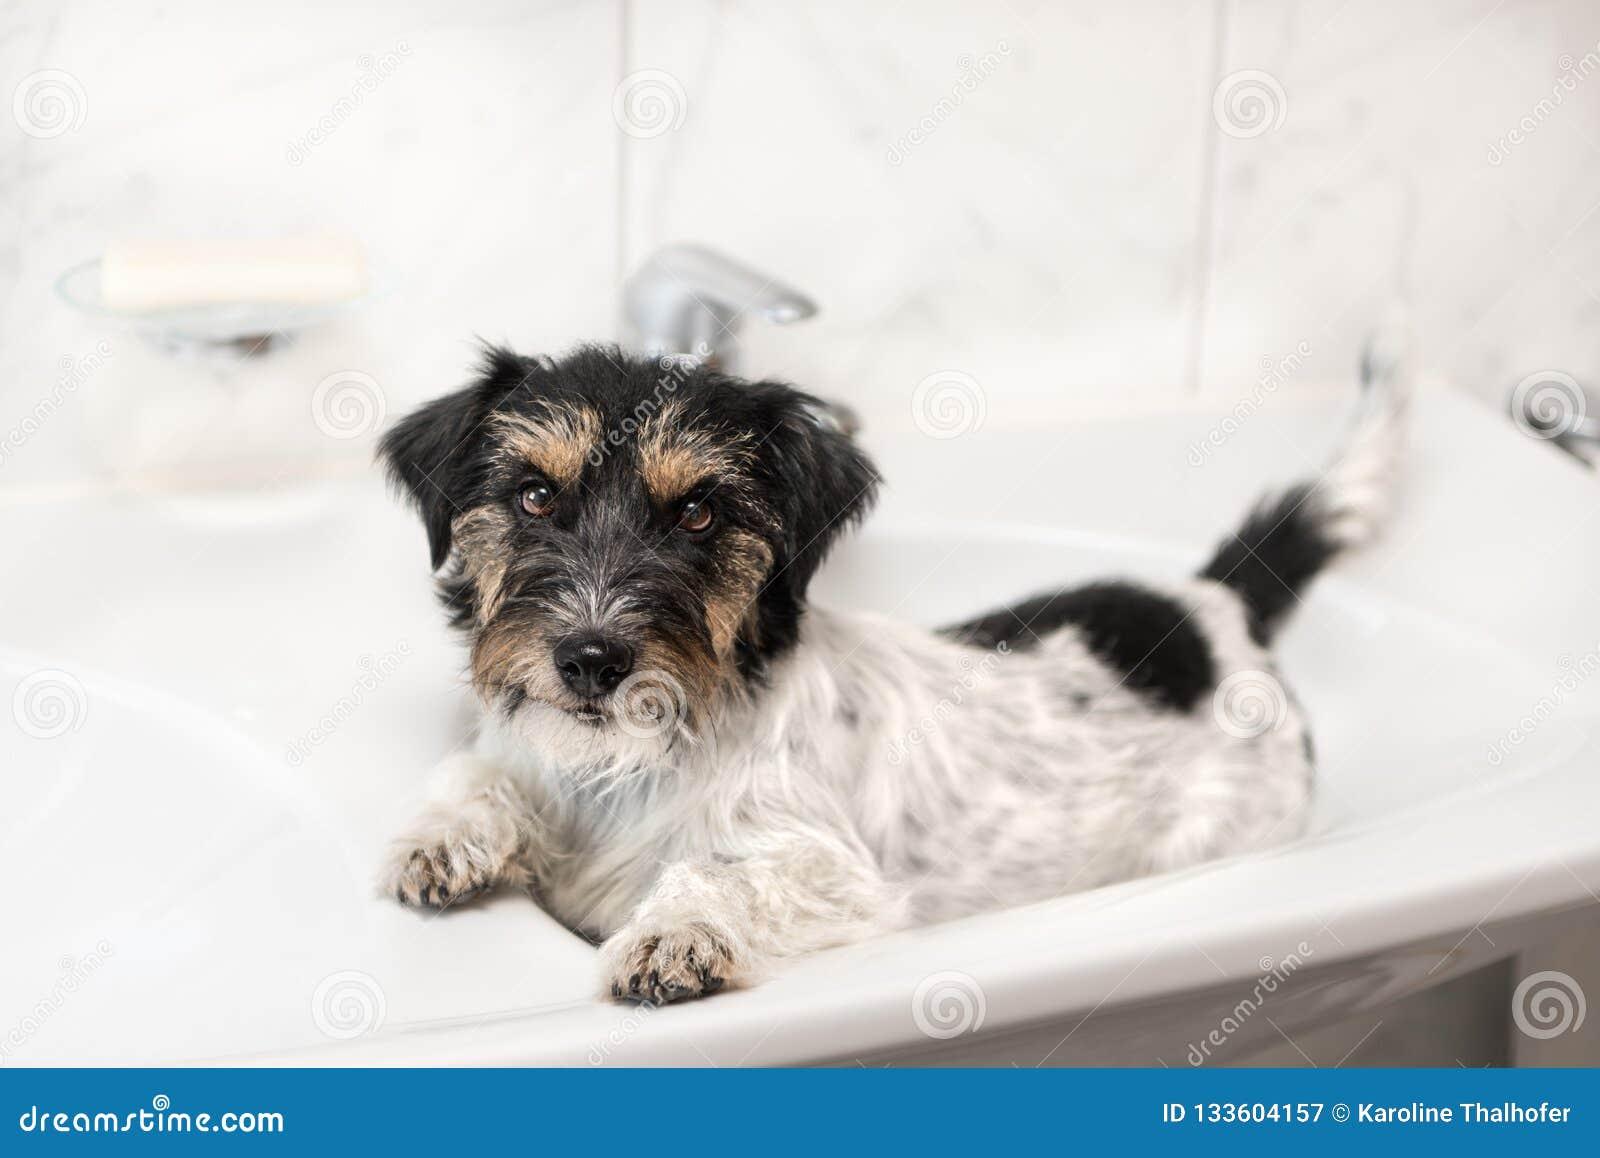 Wenig Hund entspannt im Waschbecken - Jack Russell Terrier